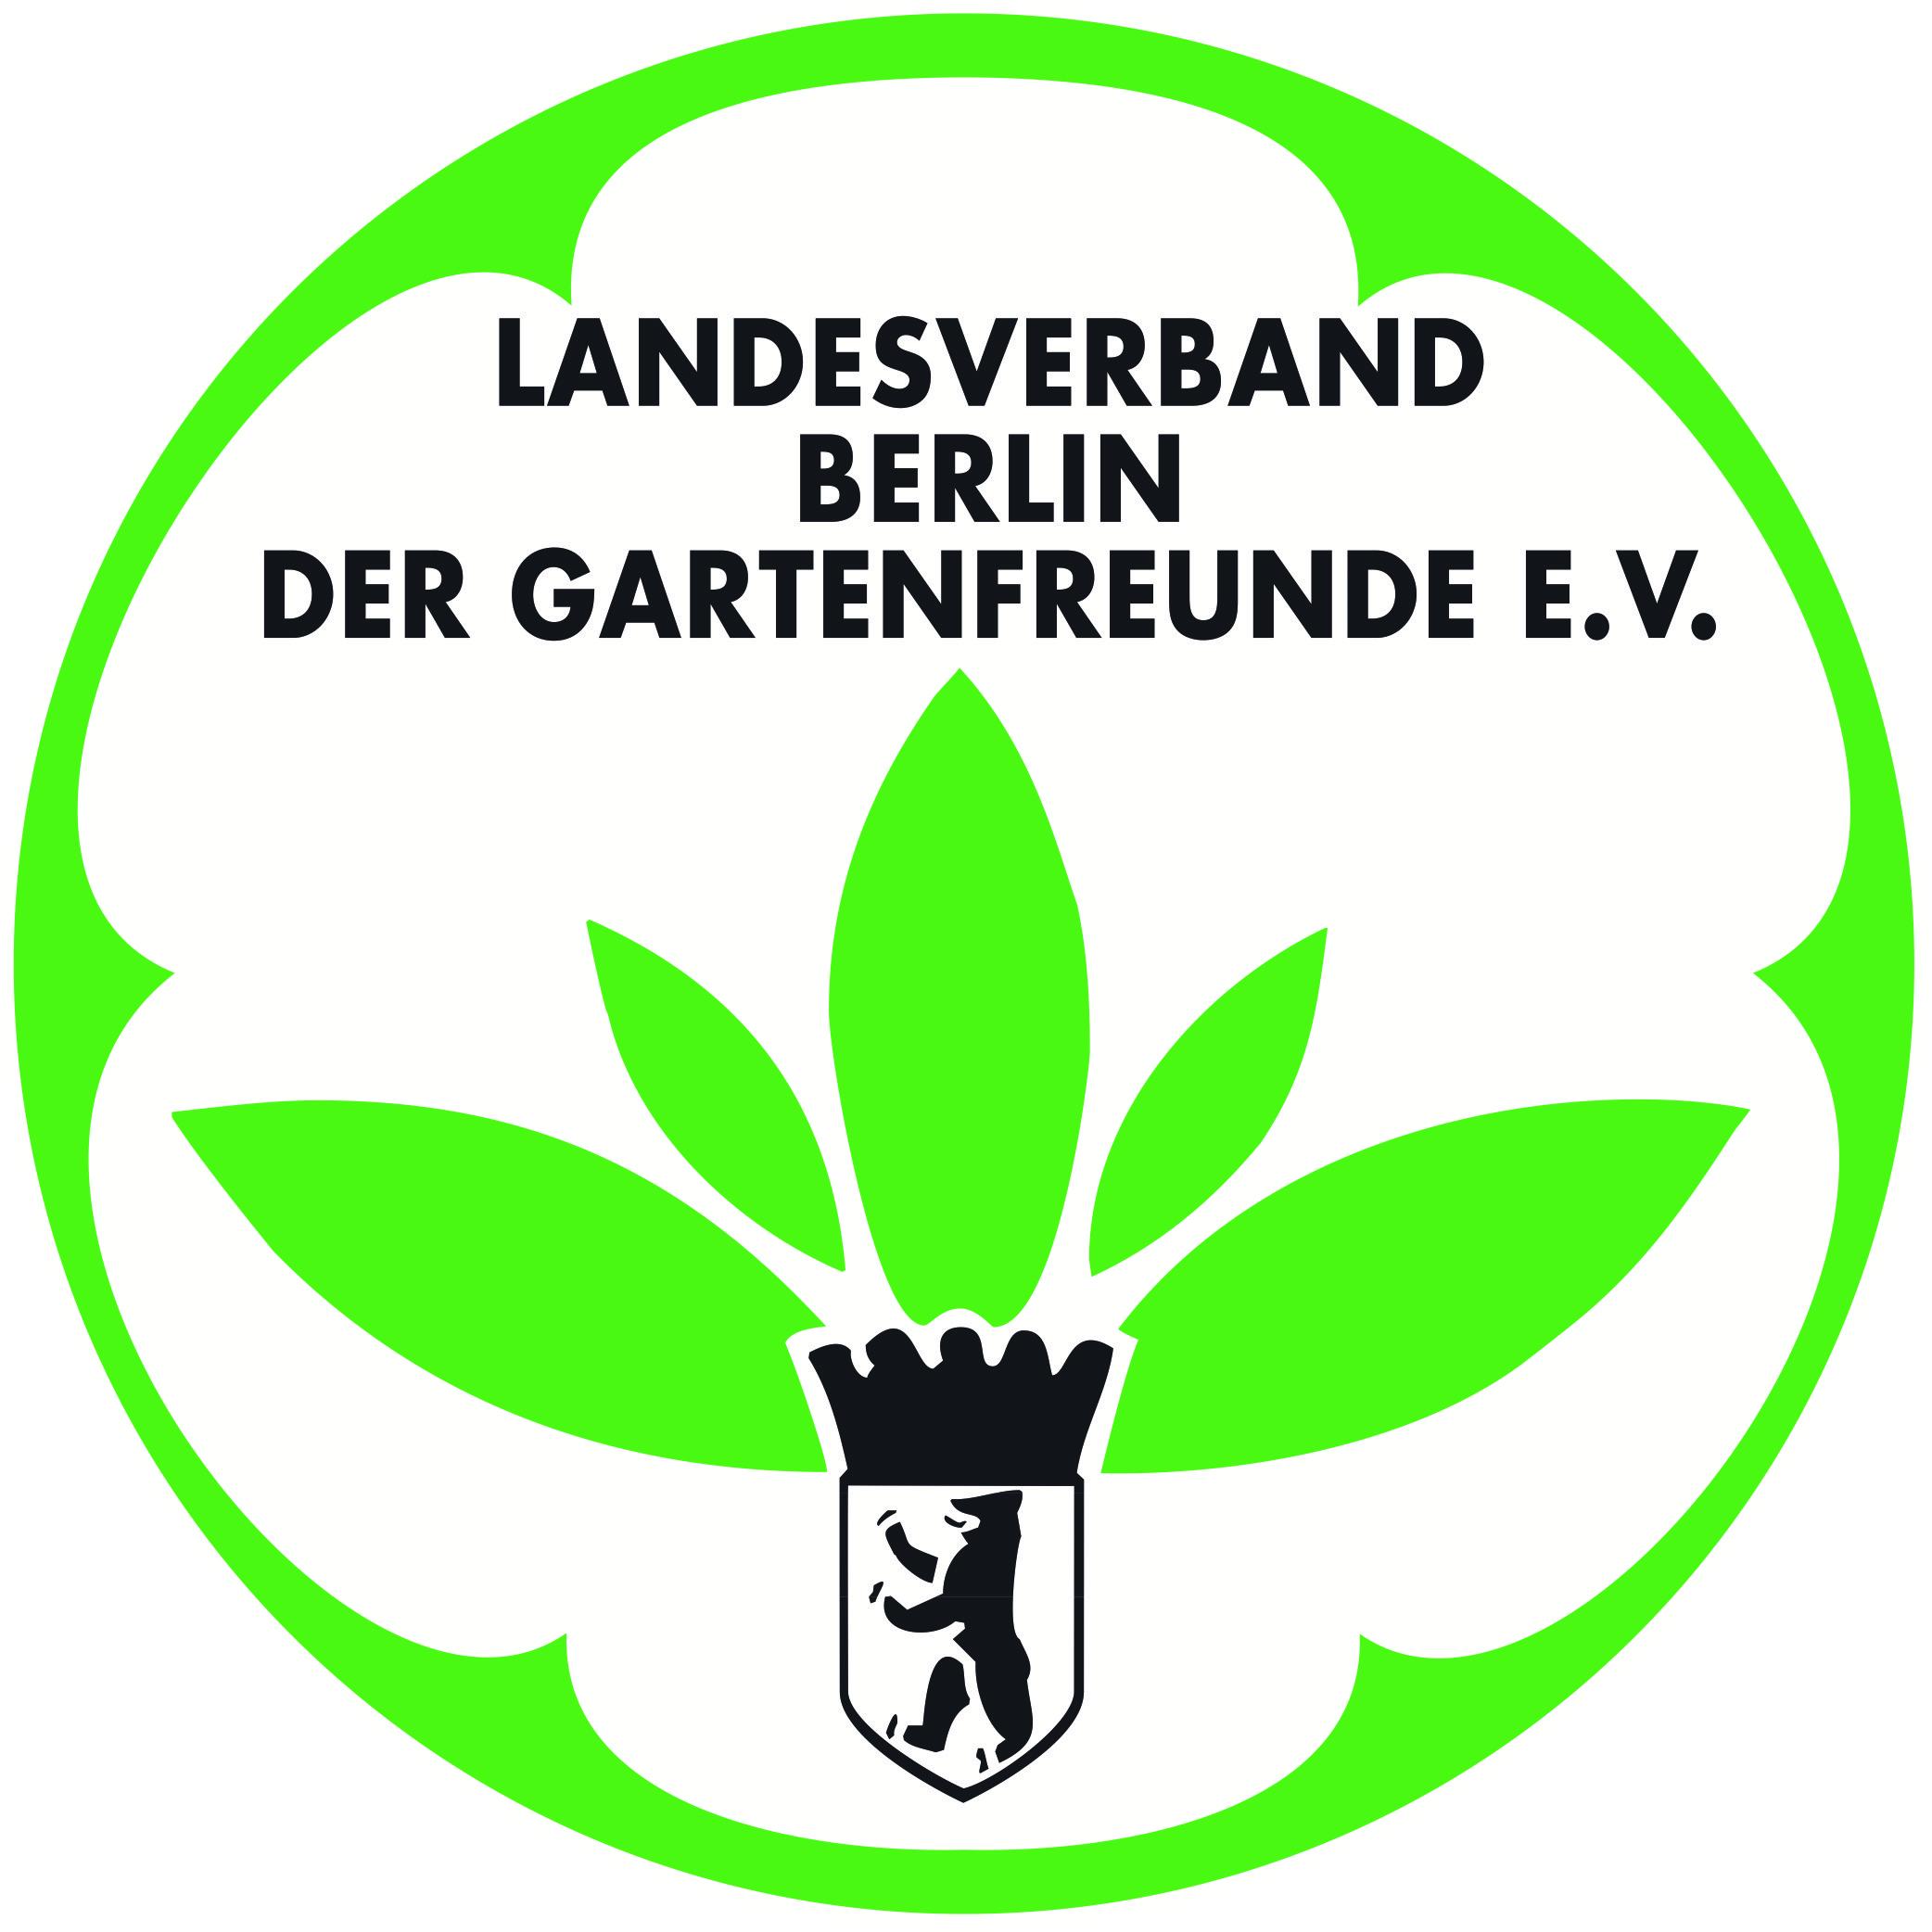 Berliner Gartenfreunde.jpg